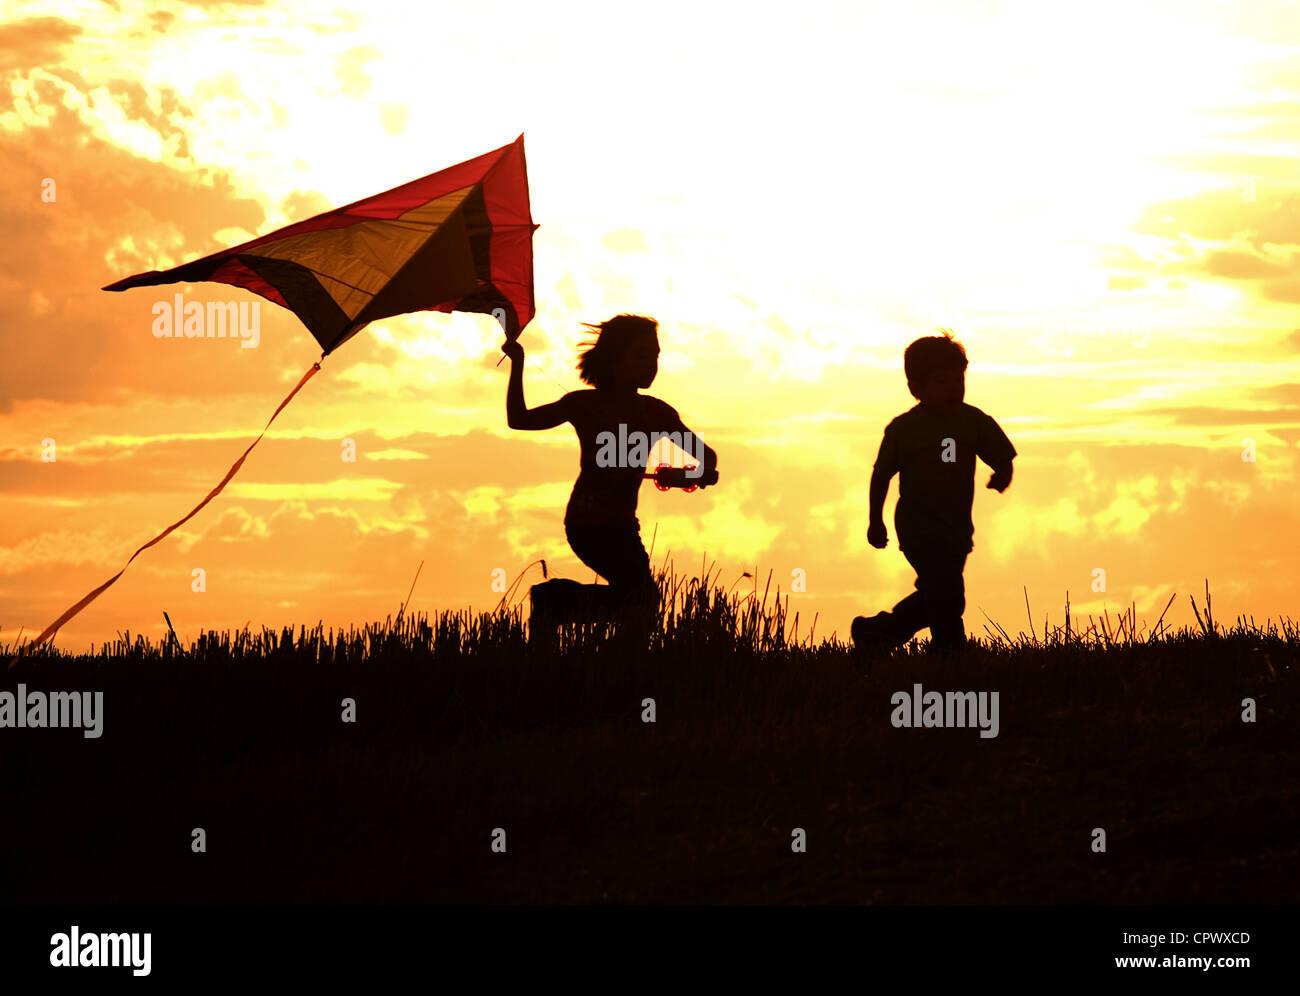 Zwei Kinder Drachen bei Sonnenuntergang rufen Erinnerungen an die Kindheit. Stockbild